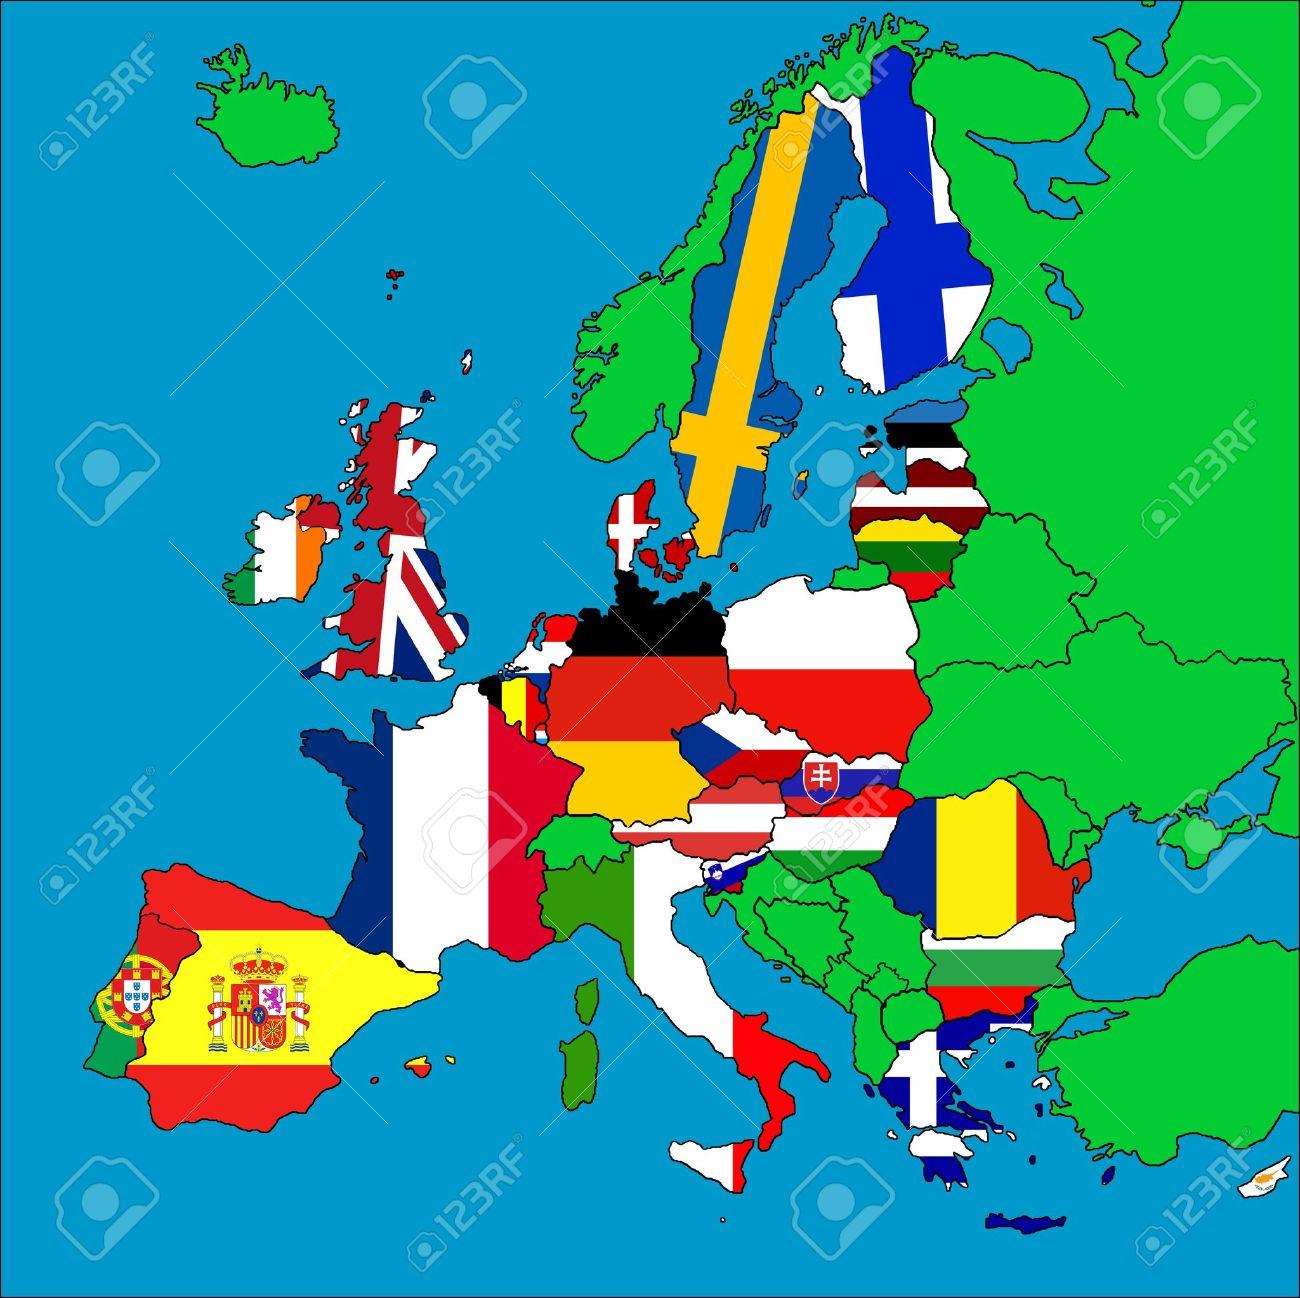 Une Carte De L'europe Avec Tous Les Pays Membres De L'ue Représentés Par  Leurs Drapeaux. avec Tout Les Pays D Europe